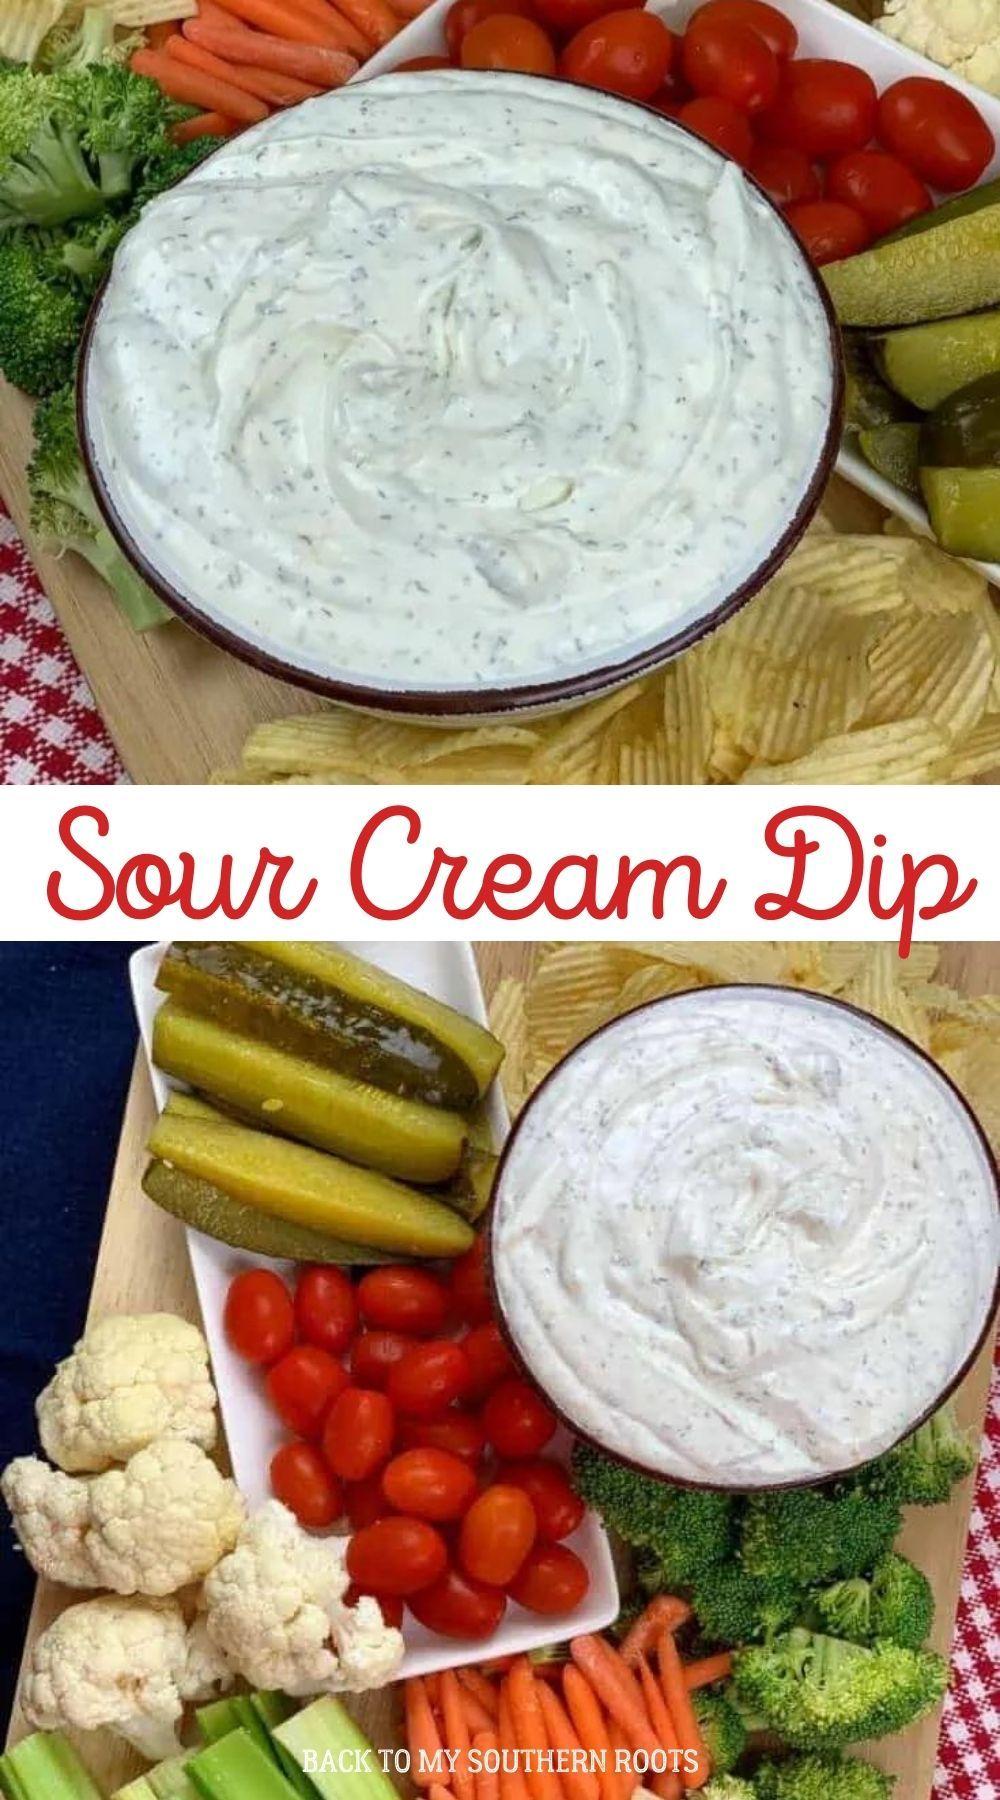 Sour Cream Dip Recipe In 2020 Sour Cream Dip Cream Dip Sour Cream